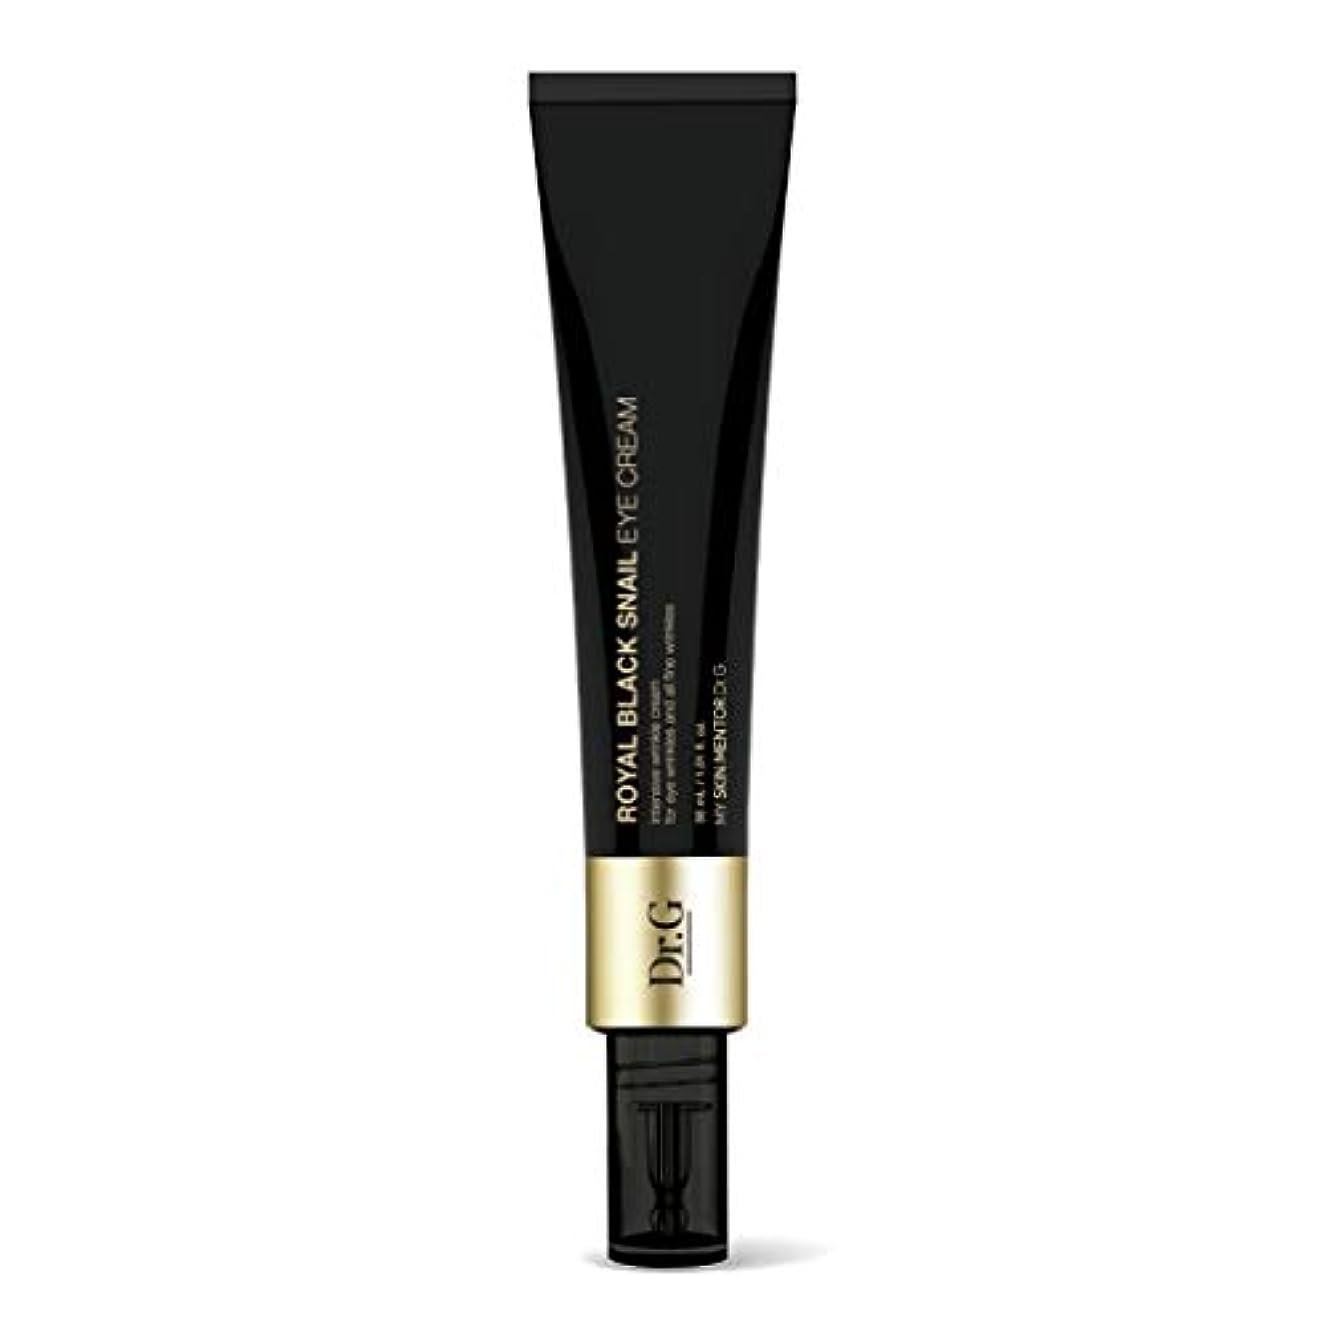 足枷着飾る応答[Dr.Gドクタージー] ロイヤルブラックスネイルアイクリーム 30ml / Royal Black Snail Eye Cream